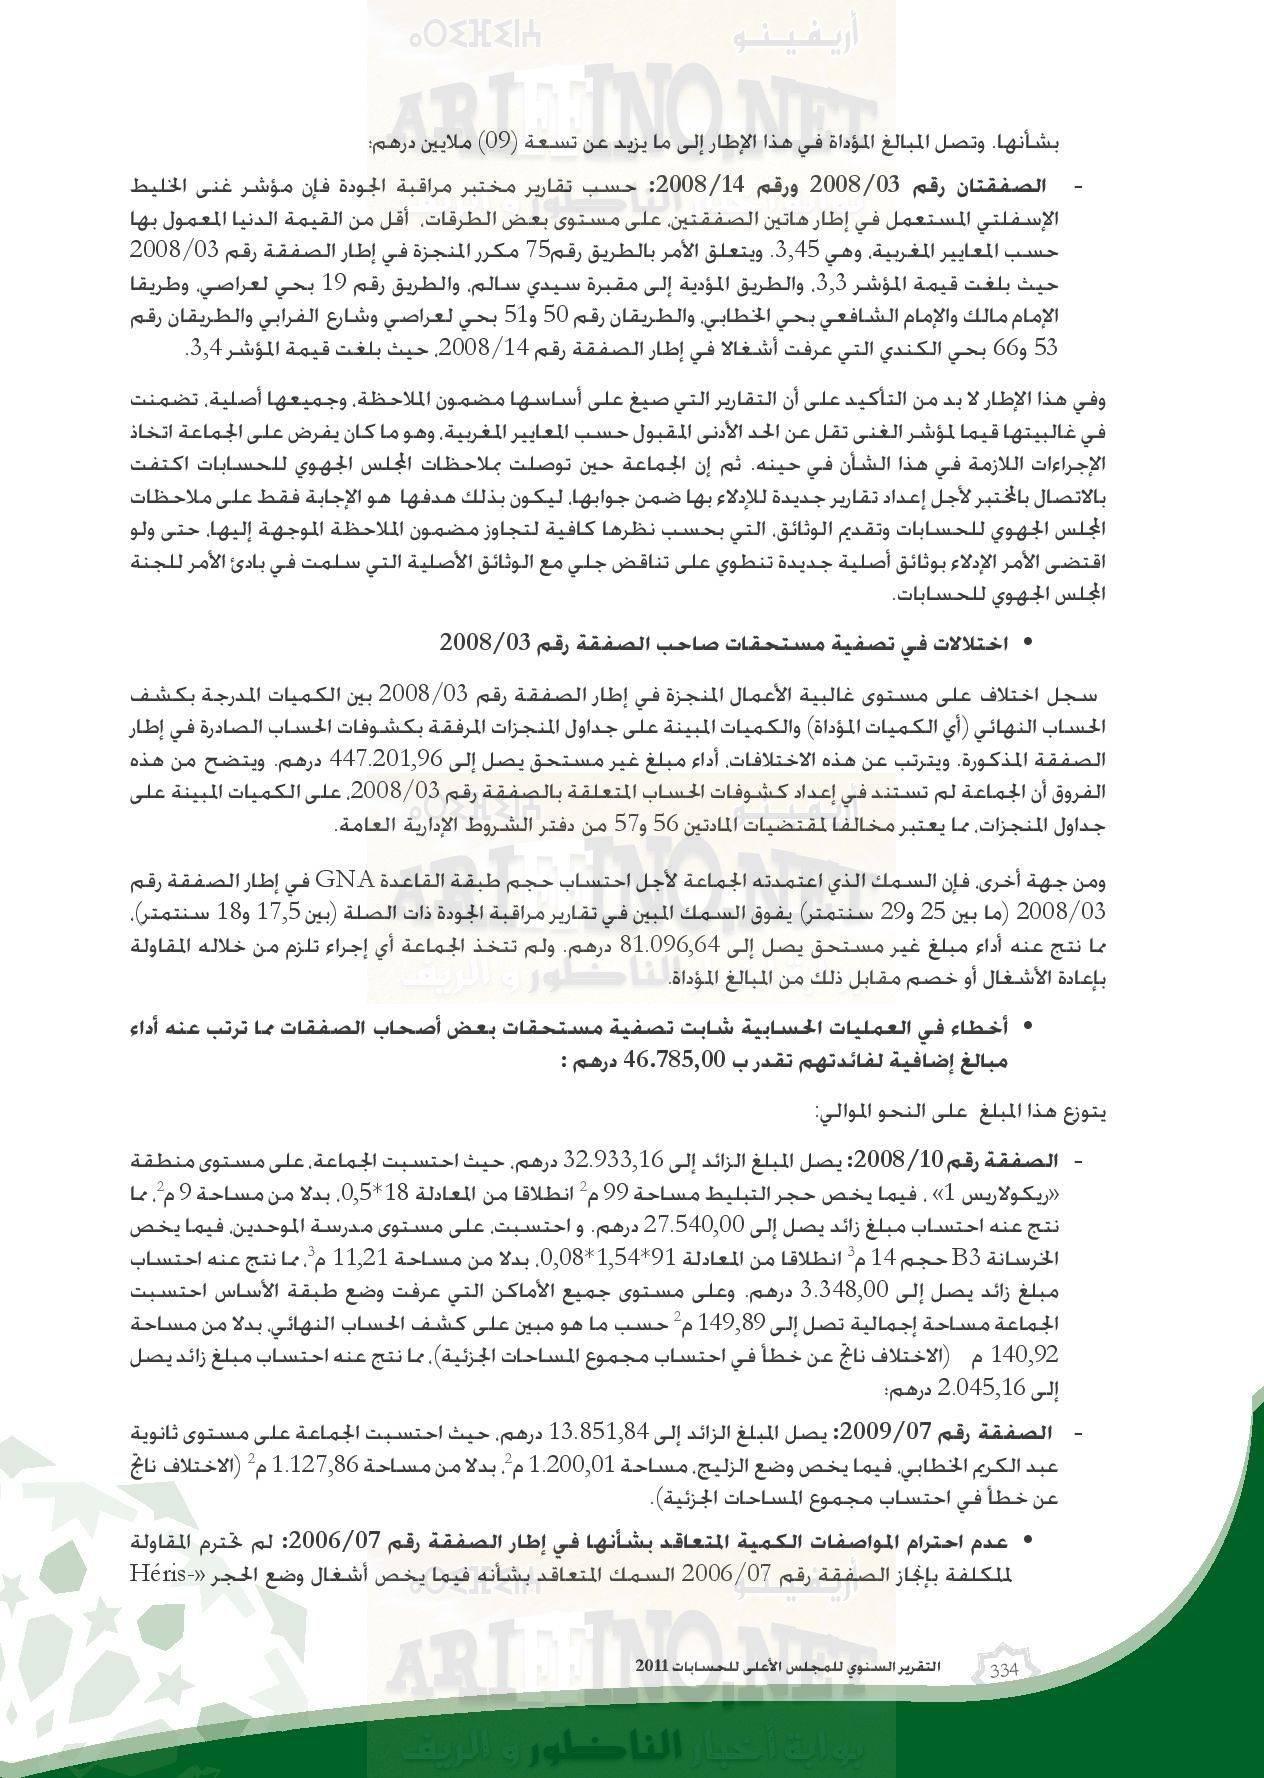 nador_0060 تقرير المجلس الاعلى للحسابات: بلدية الناظور تعيش إختلالات و عشوائية و عاجزة عن القيام بمهامها